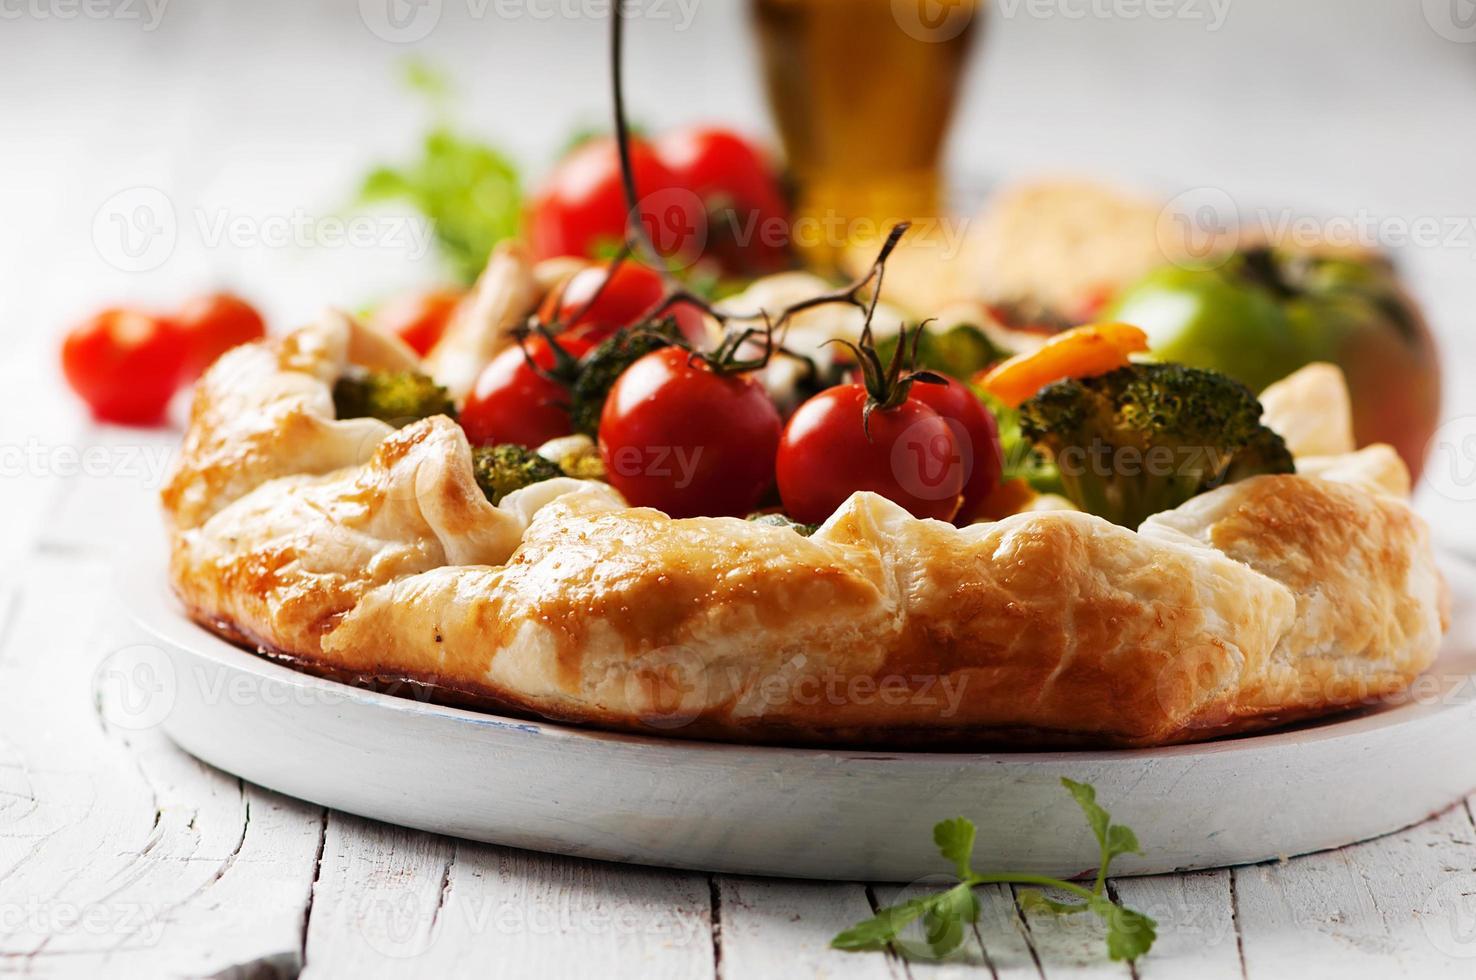 torta vegetariana com brócolis, tomate, pimentão e queijo foto